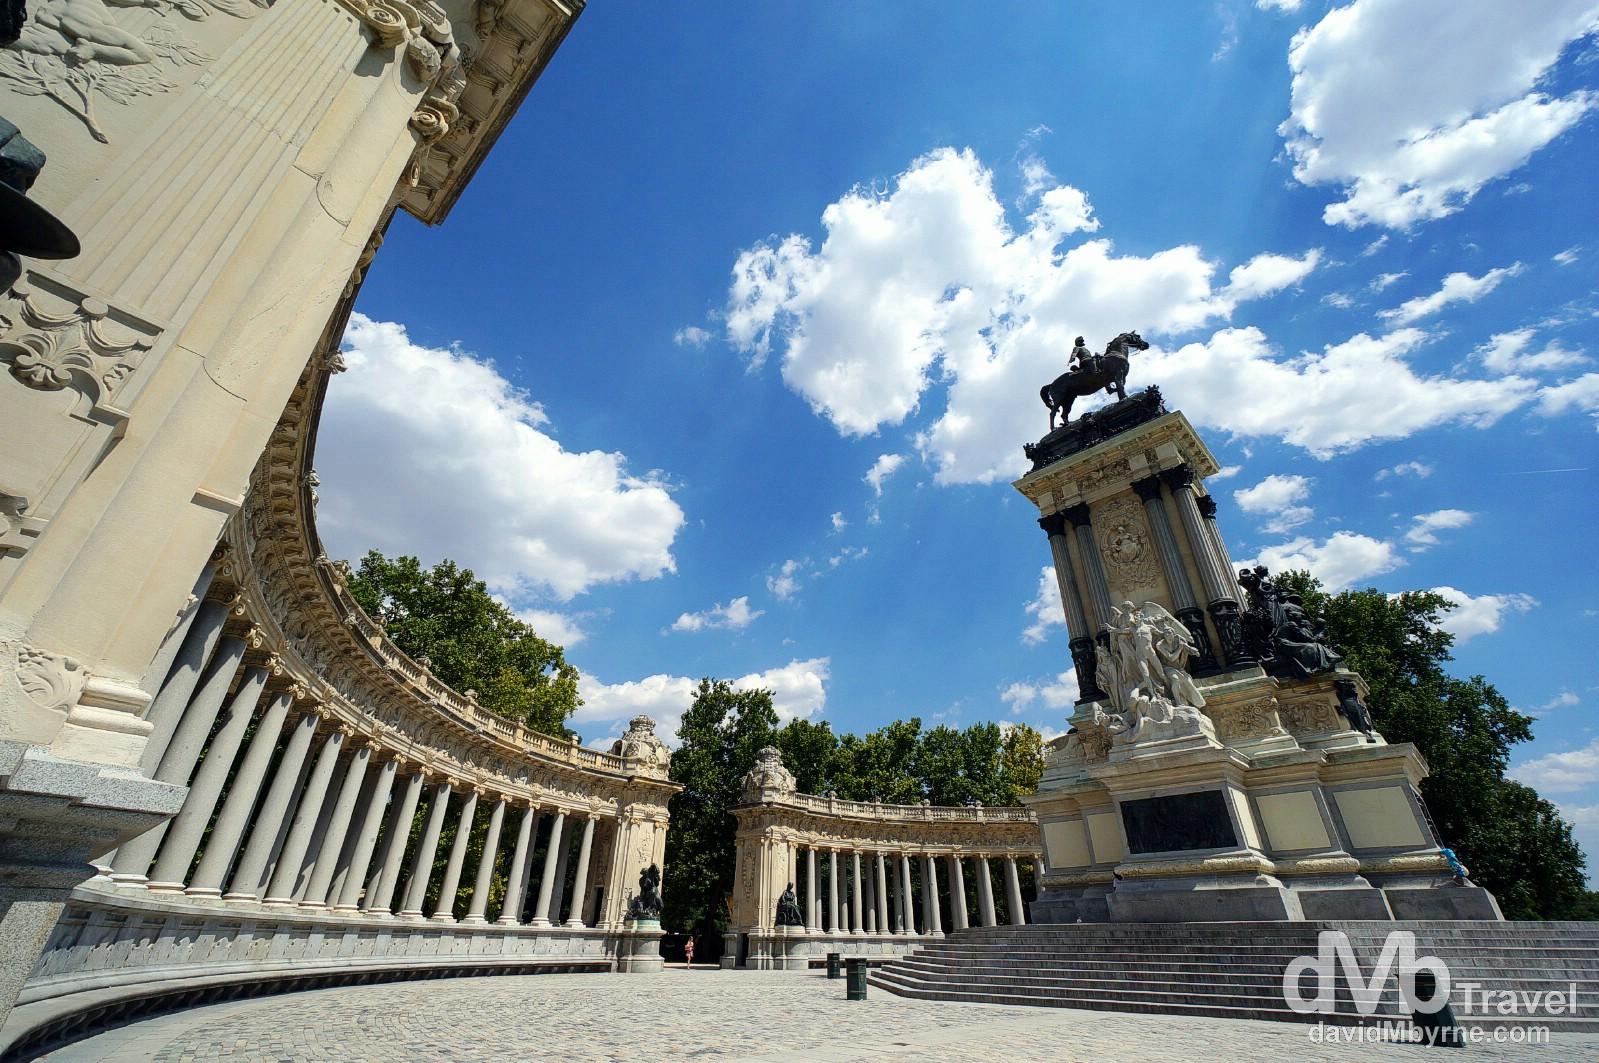 The Monumento Alfonso XII in Parque del Ritiro, Madrid, Spain. June 14th, 2014.